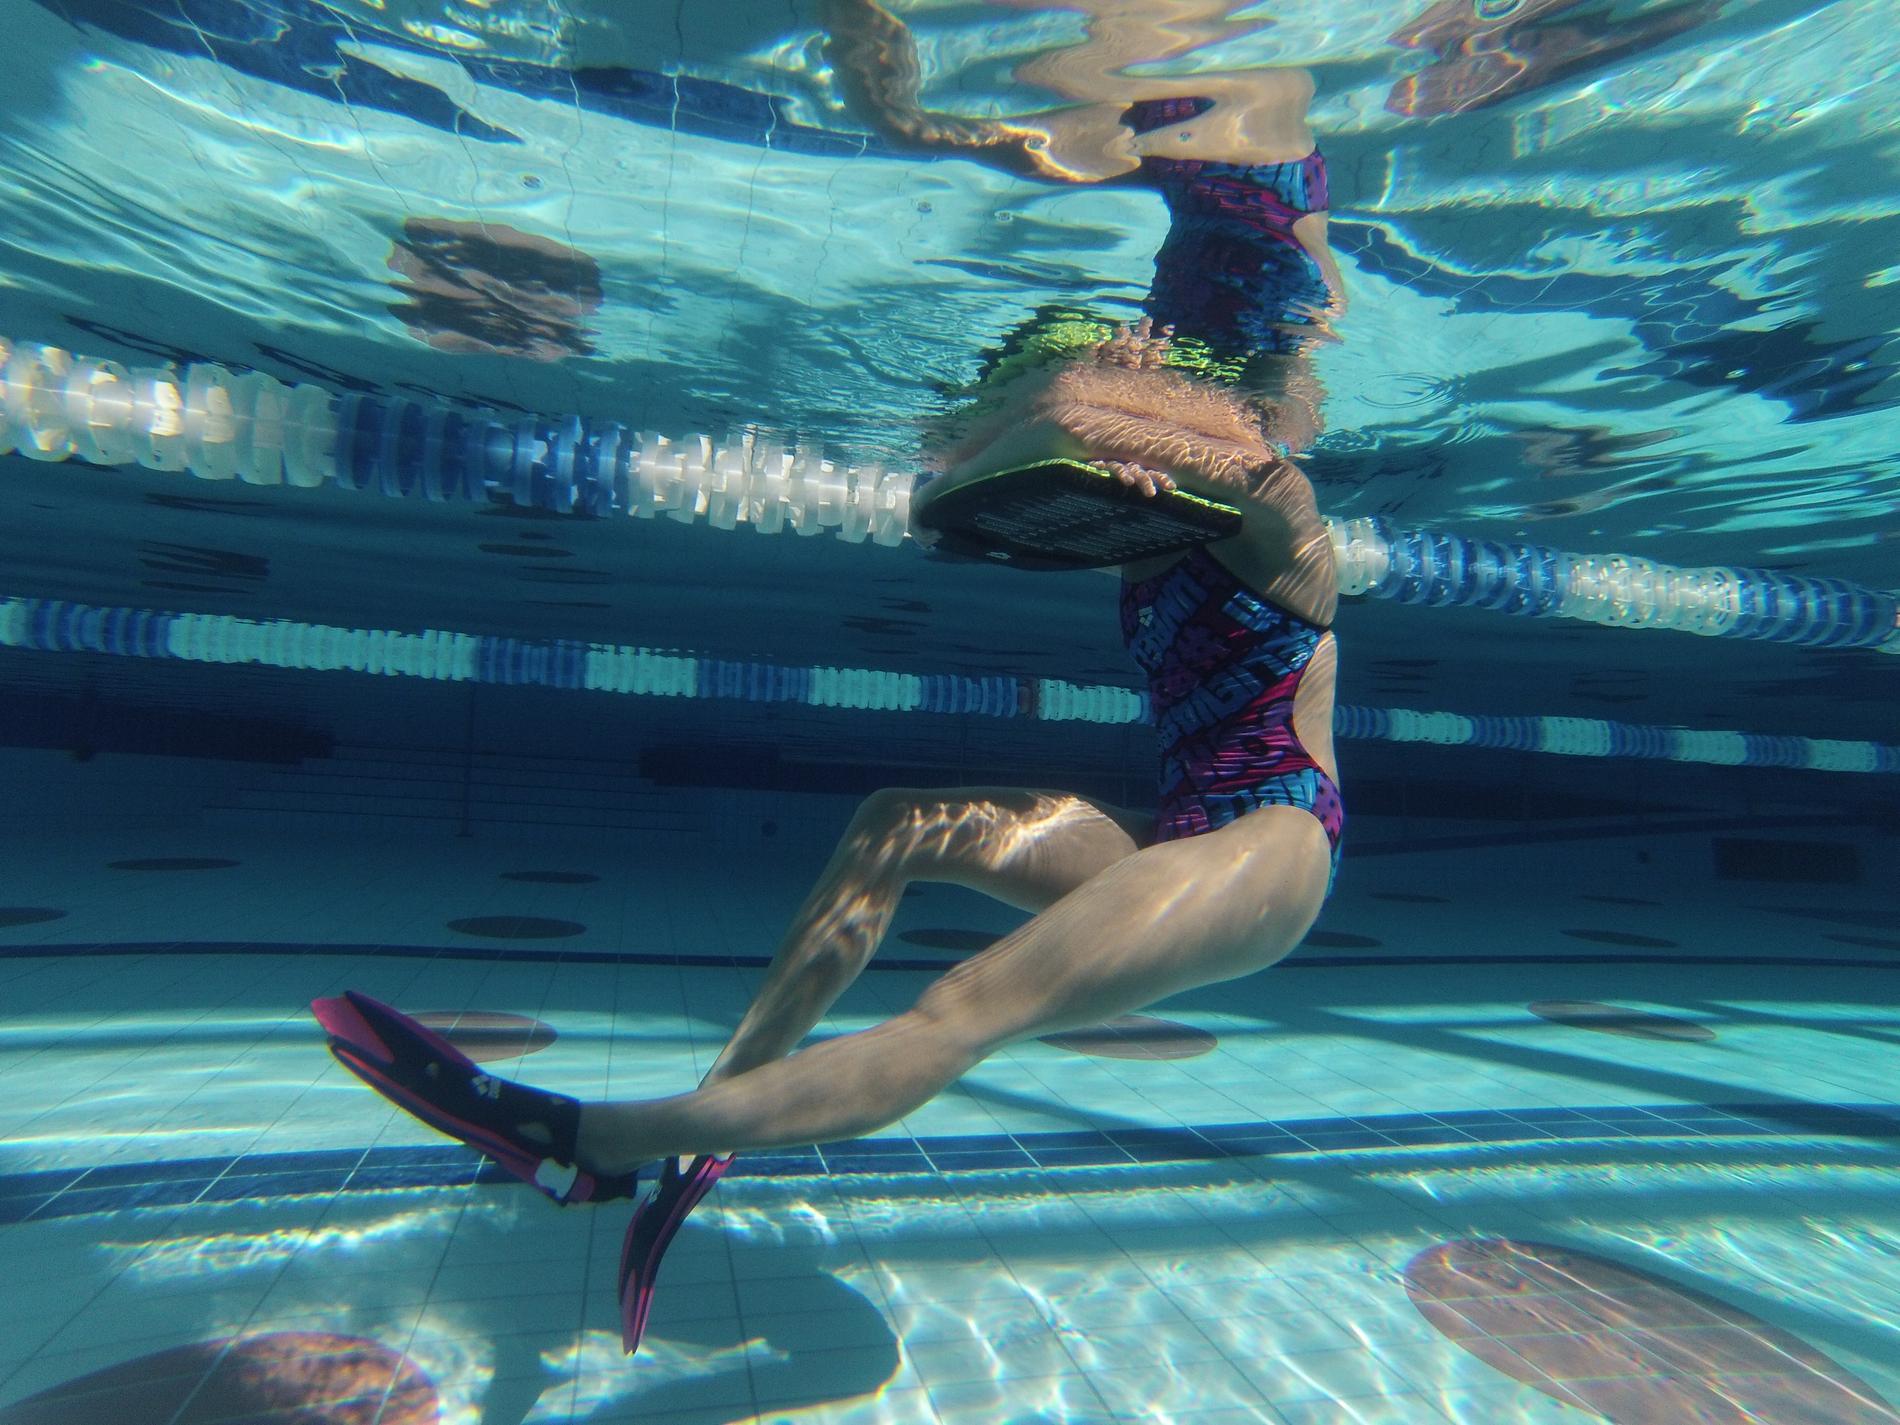 L gant s ance piscine pour maigrir piscine - Nager en piscine avec des palmes ...